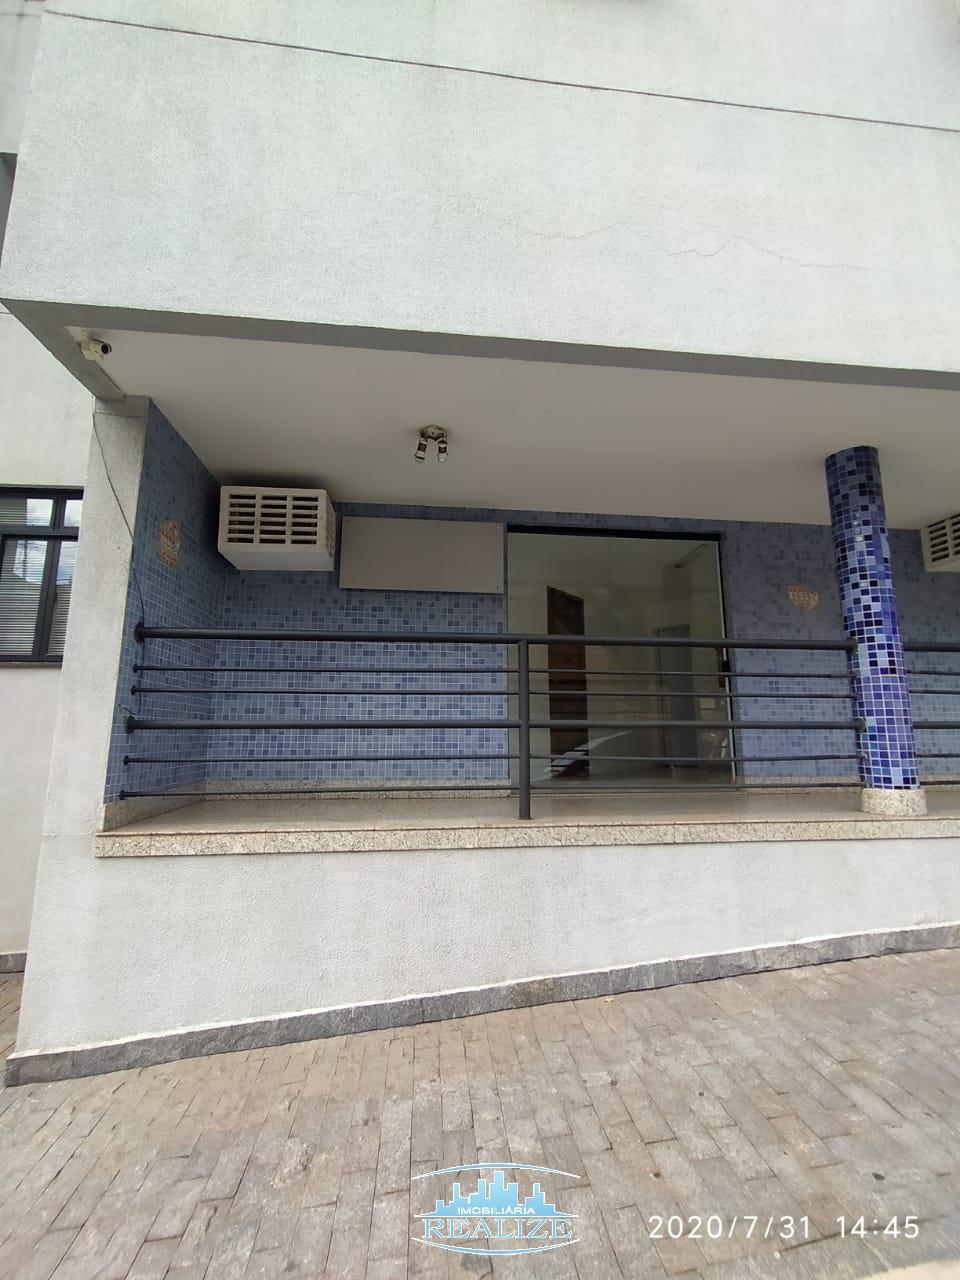 Locação loja na avenida paladium n°169 bairro imbaúbas